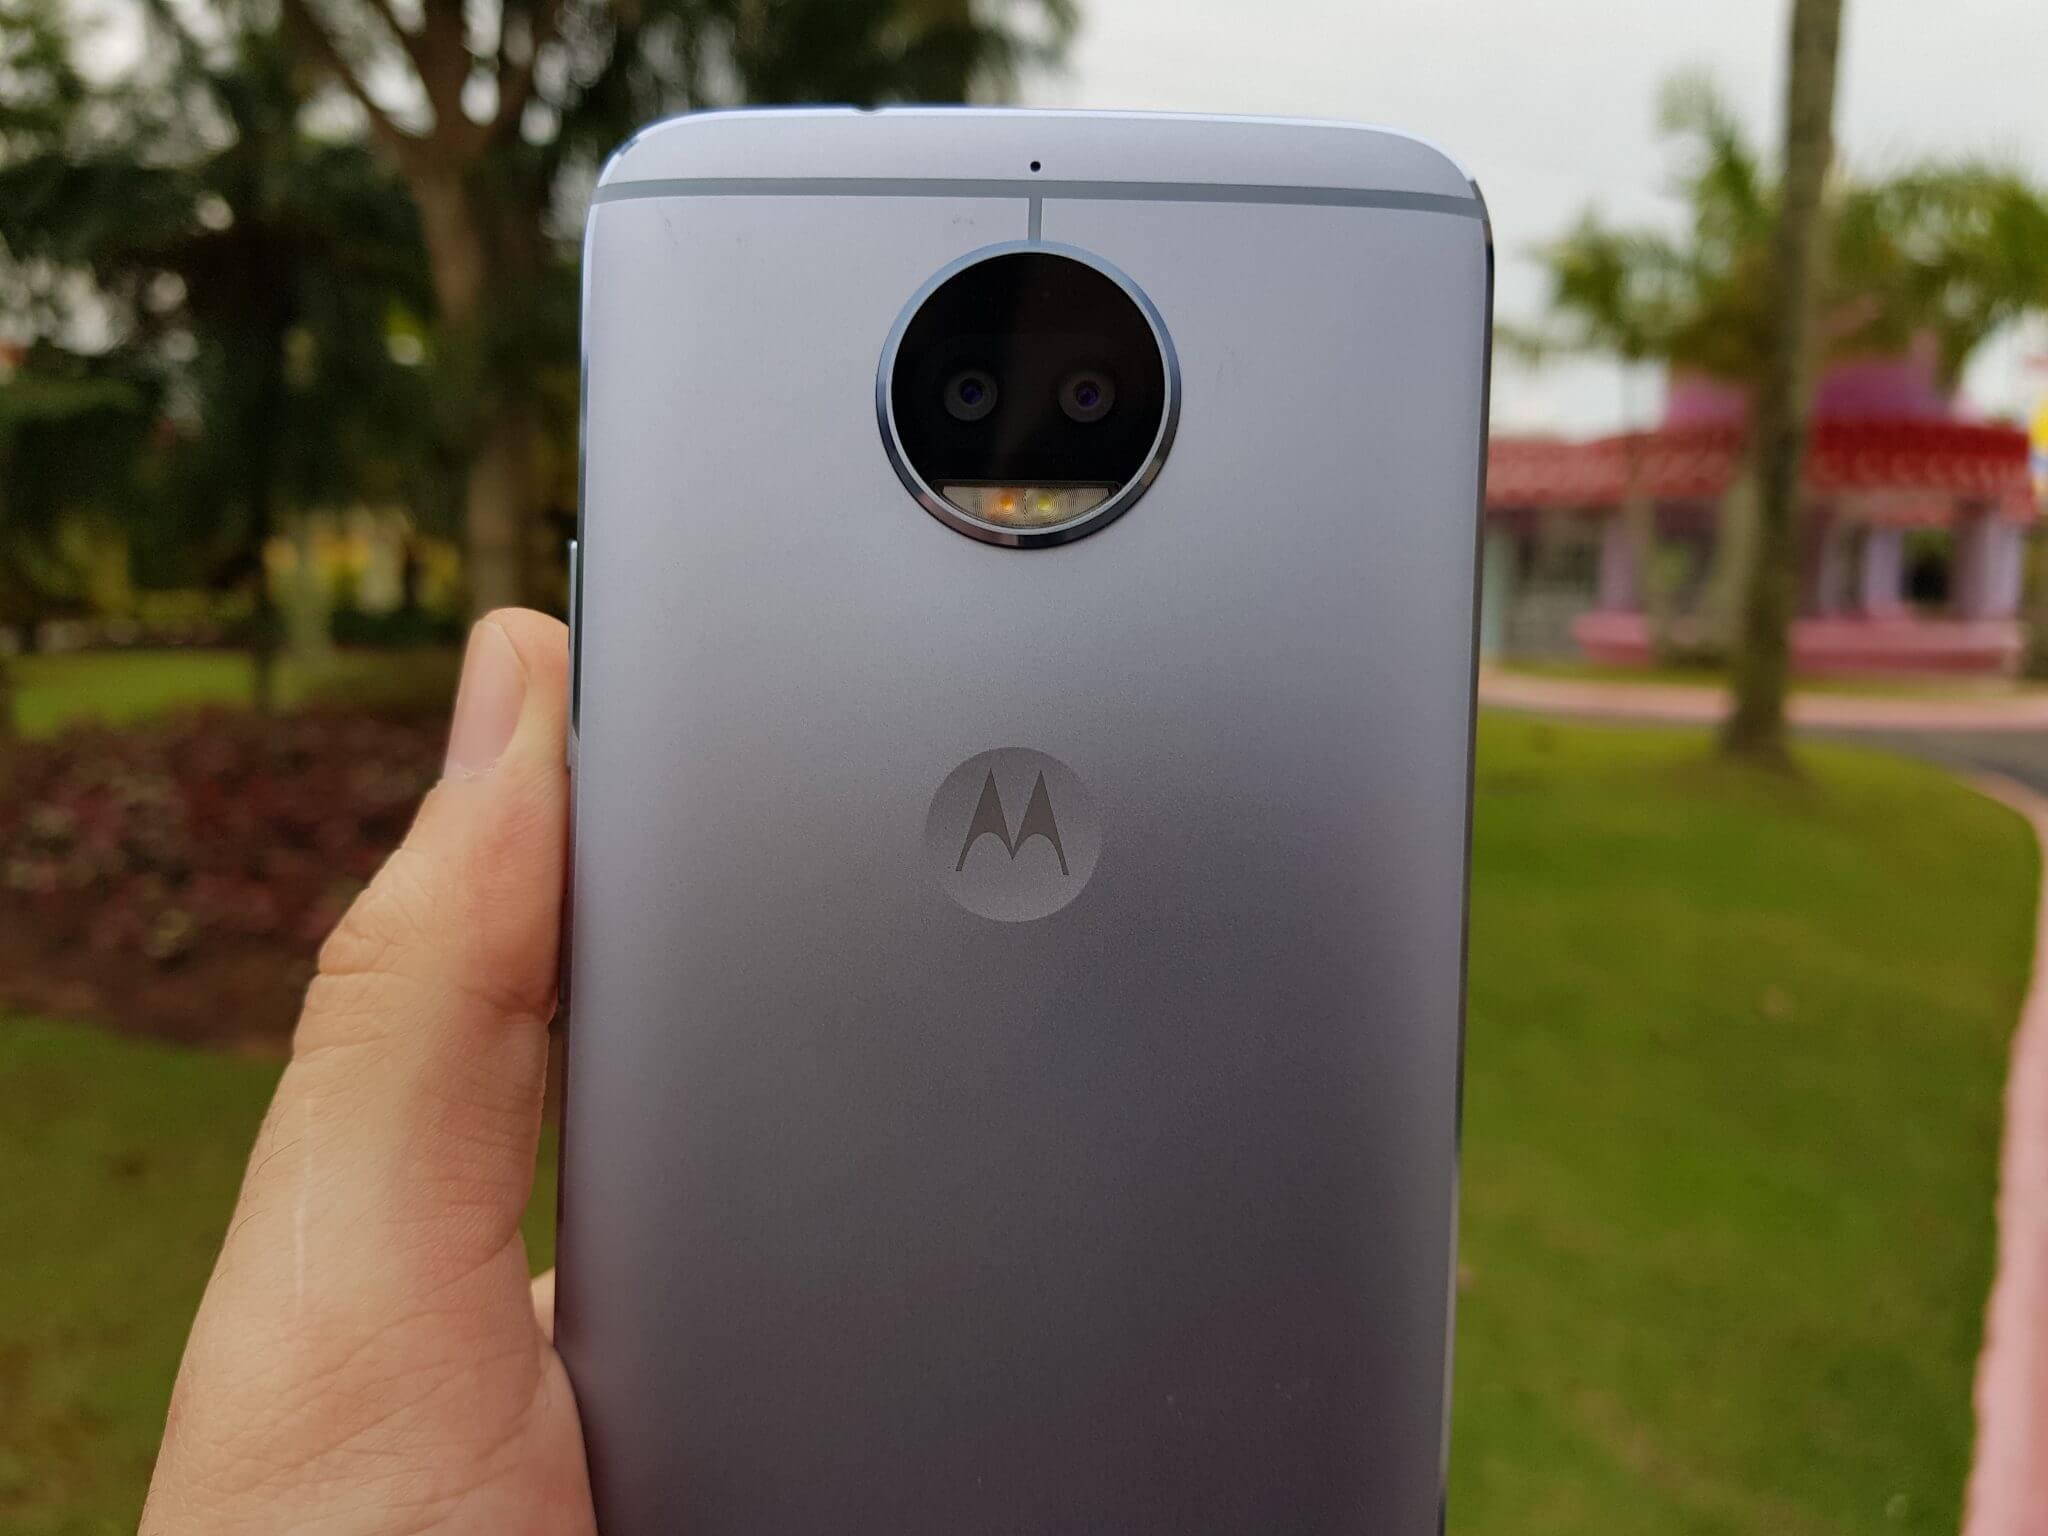 20170930 172334 - Review: Moto G5S Plus, o intermediário com câmera dupla